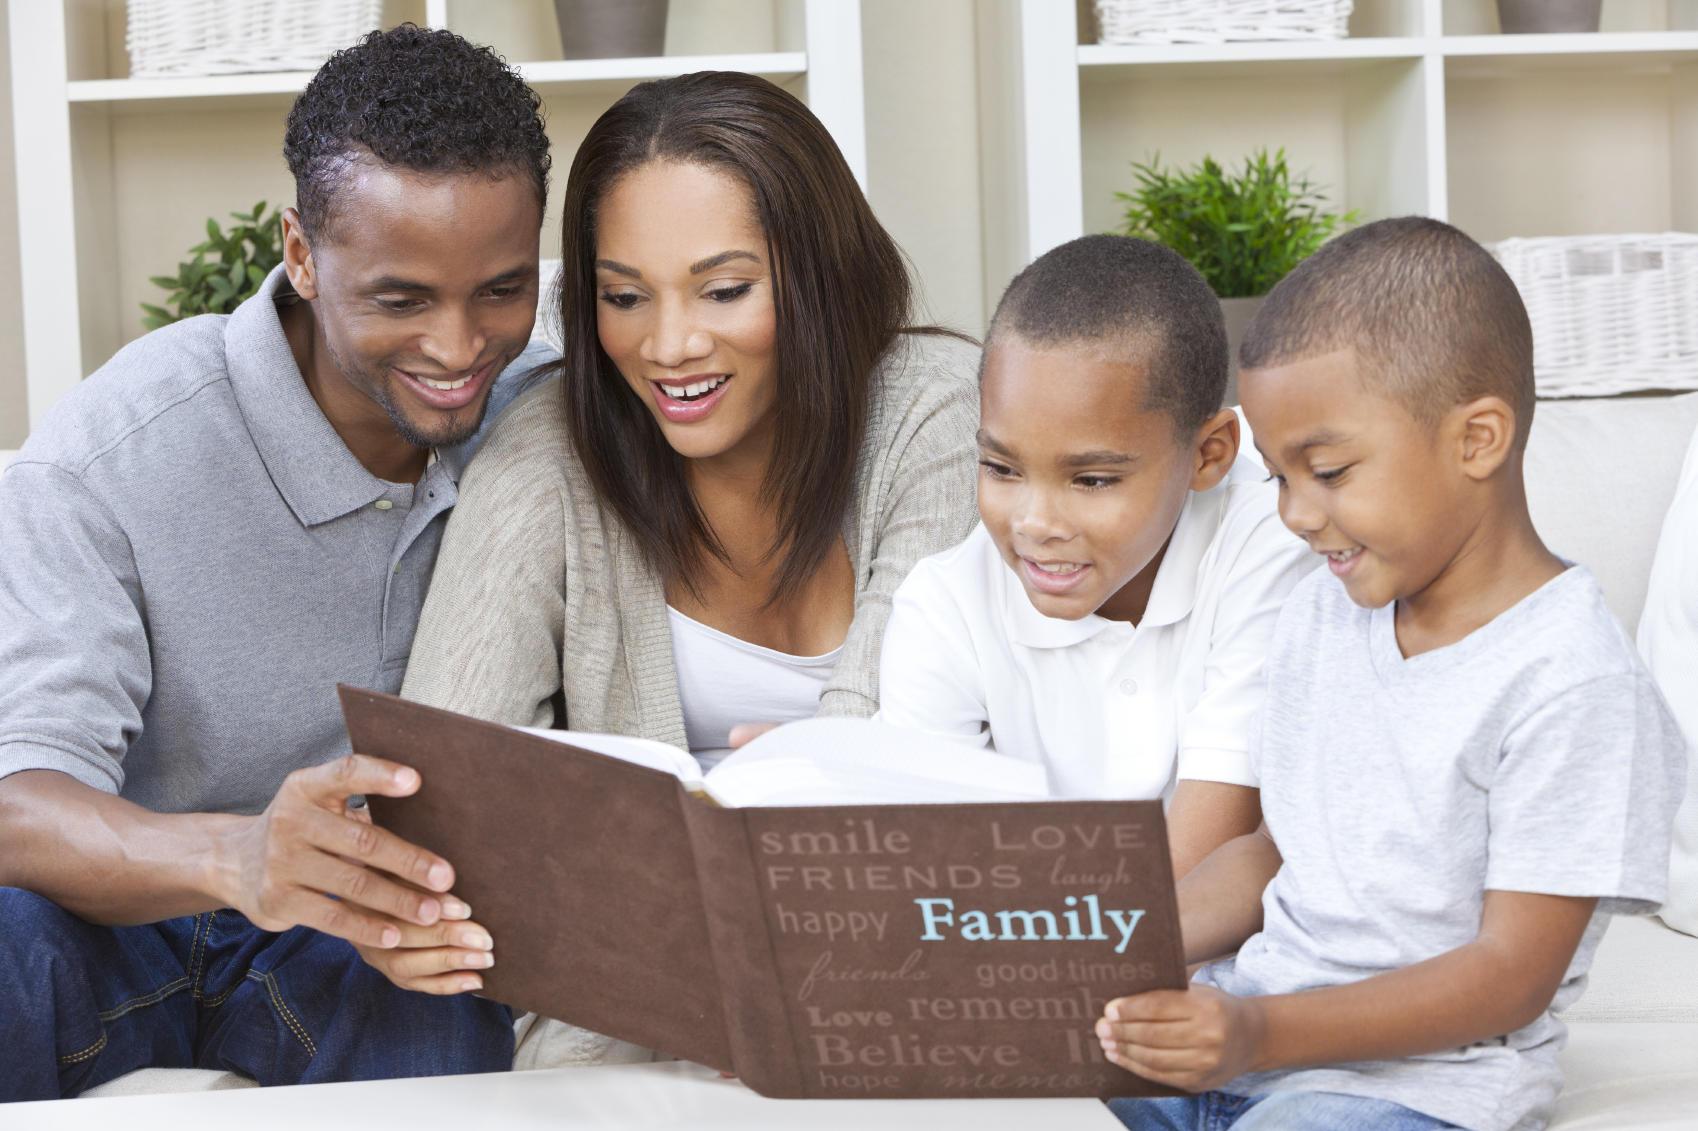 family with photo album